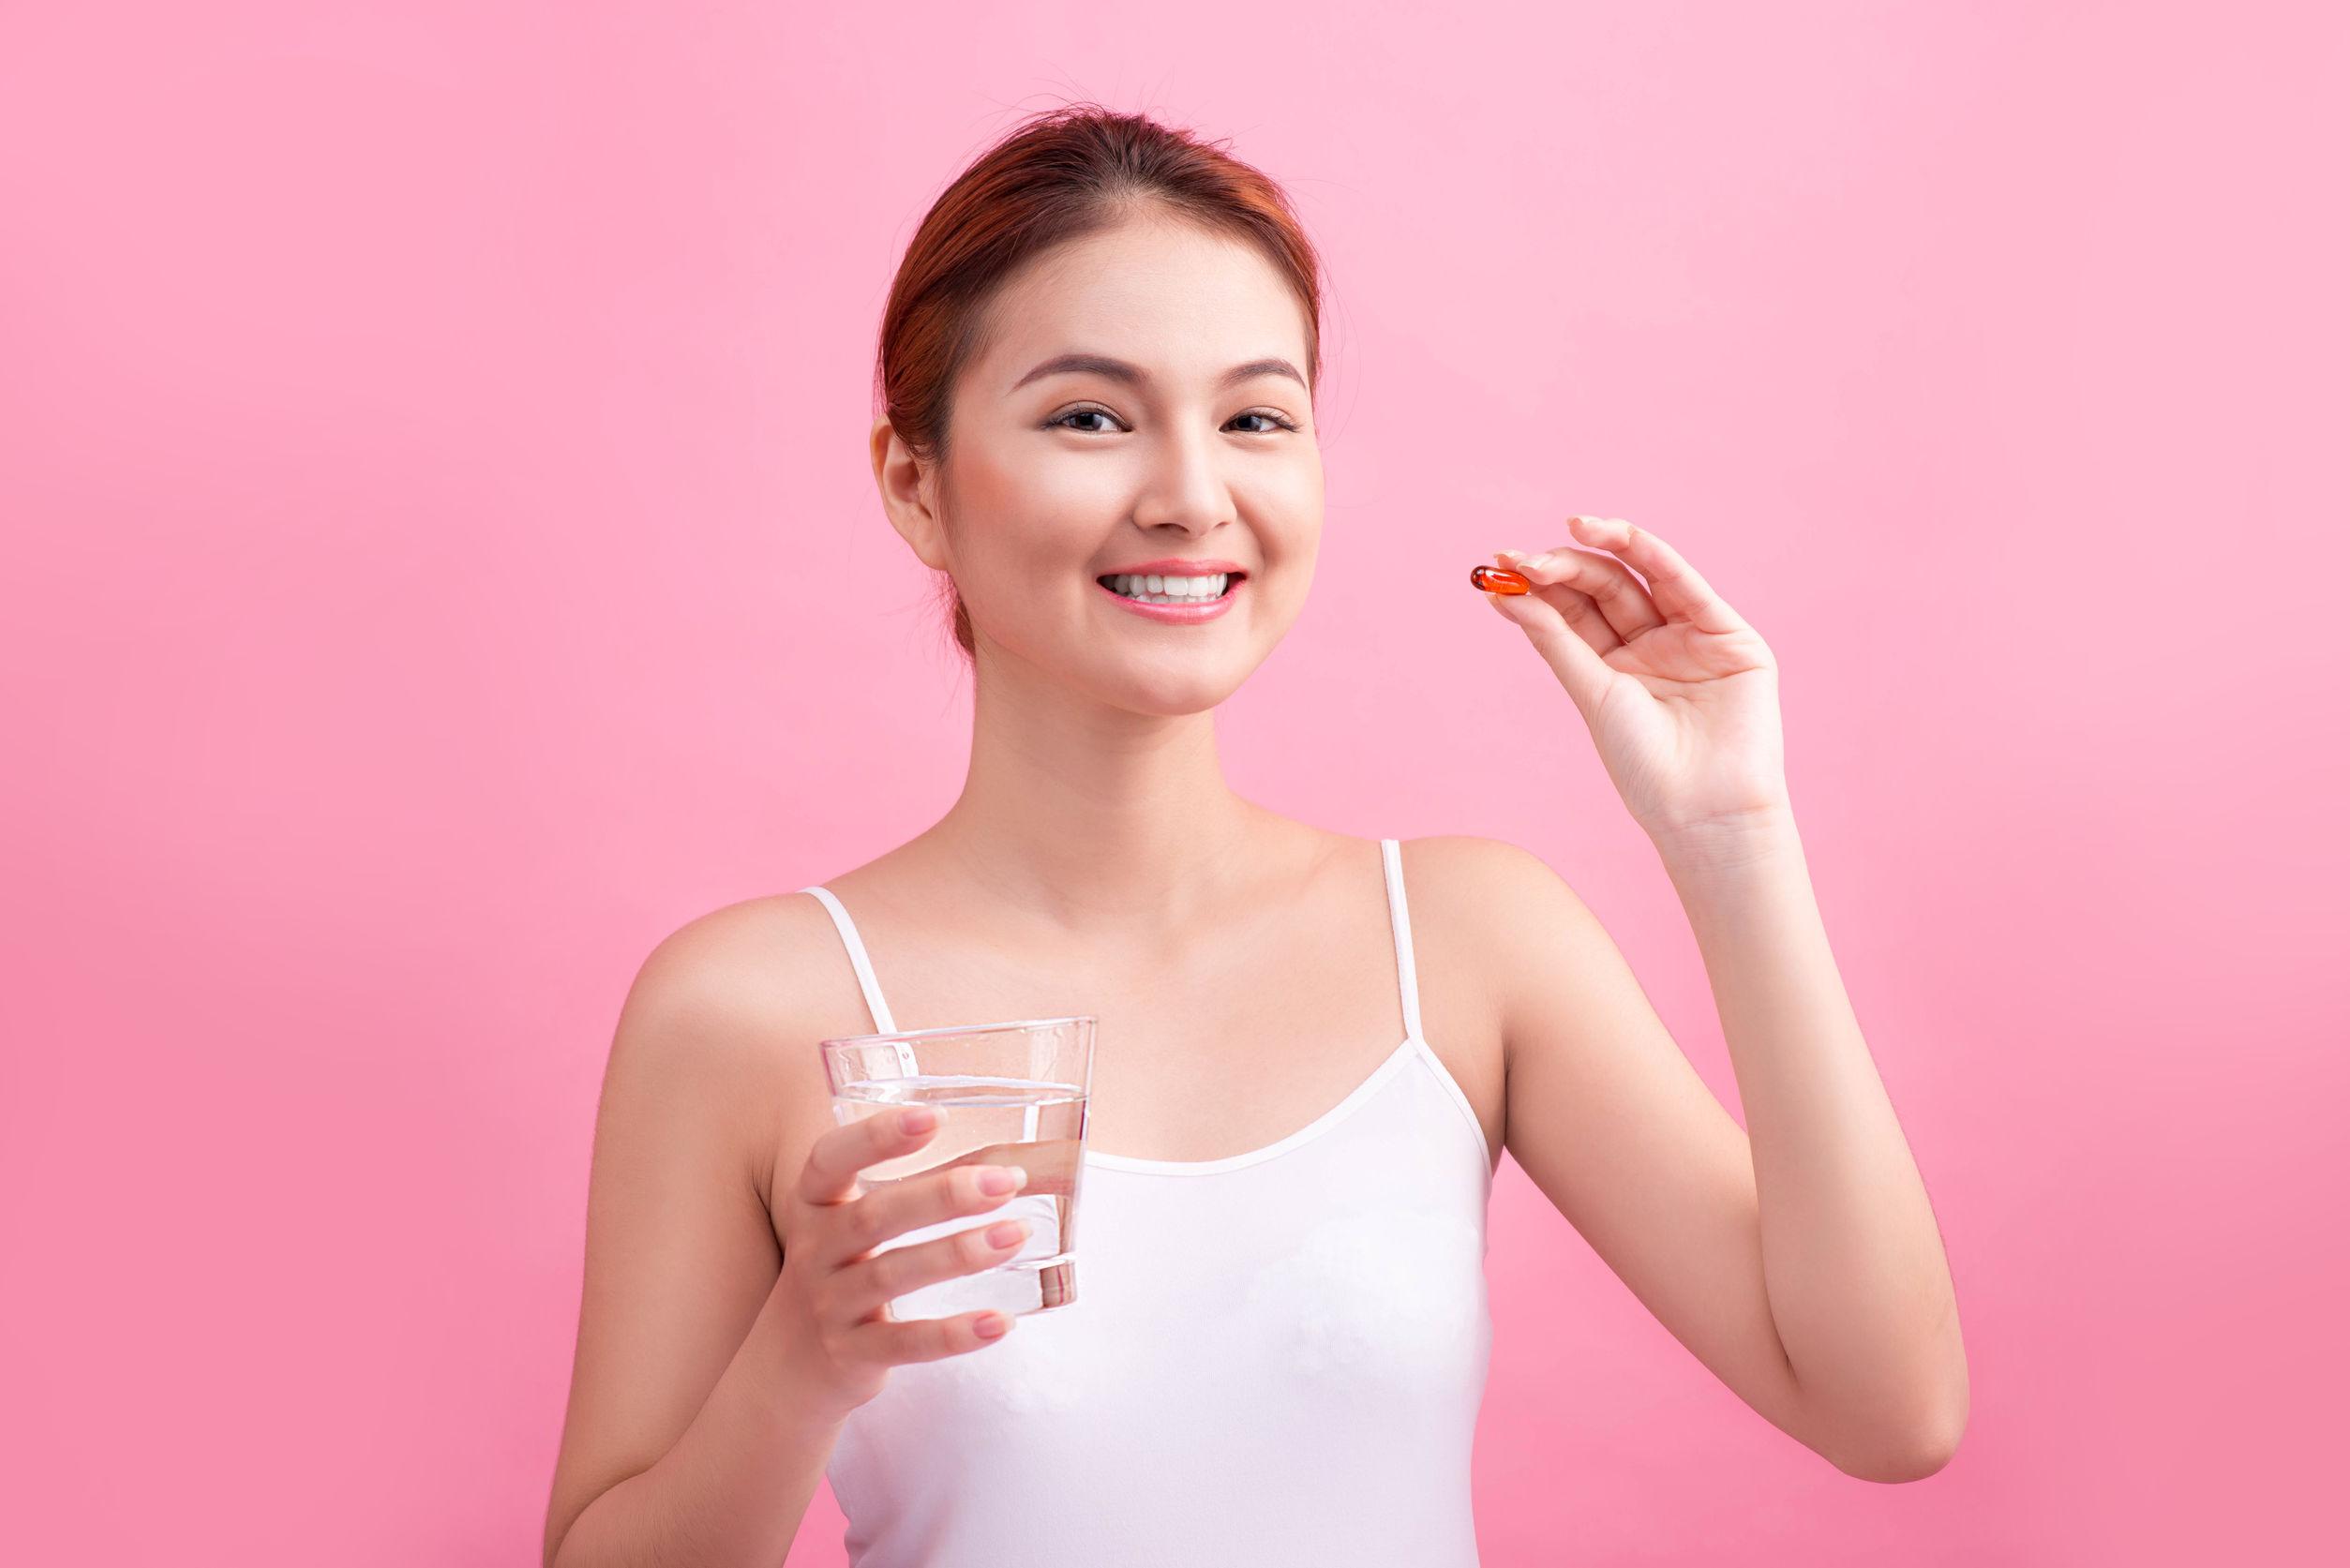 L-Arginin Wirkung bei Frauen